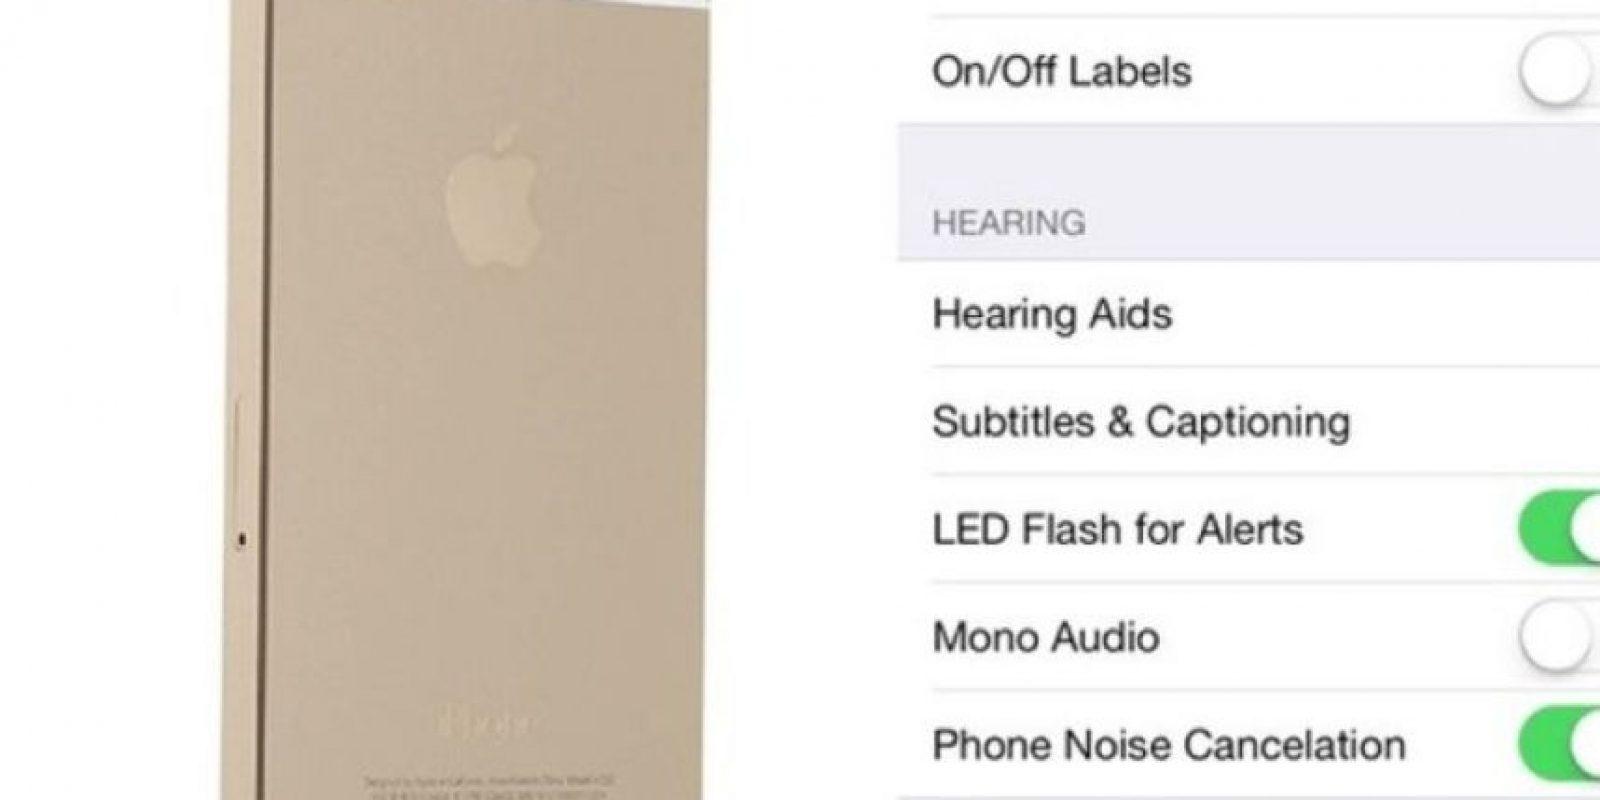 Luz parpadeante para alertas. El iPhone puede emitir una luz LED cuando reciban una llamada o mensaje activándola en Ajustes -> General -> Accesibilidad -> Habilitar Flash LED para alertas. Foto:vía blog.laptopmag.com